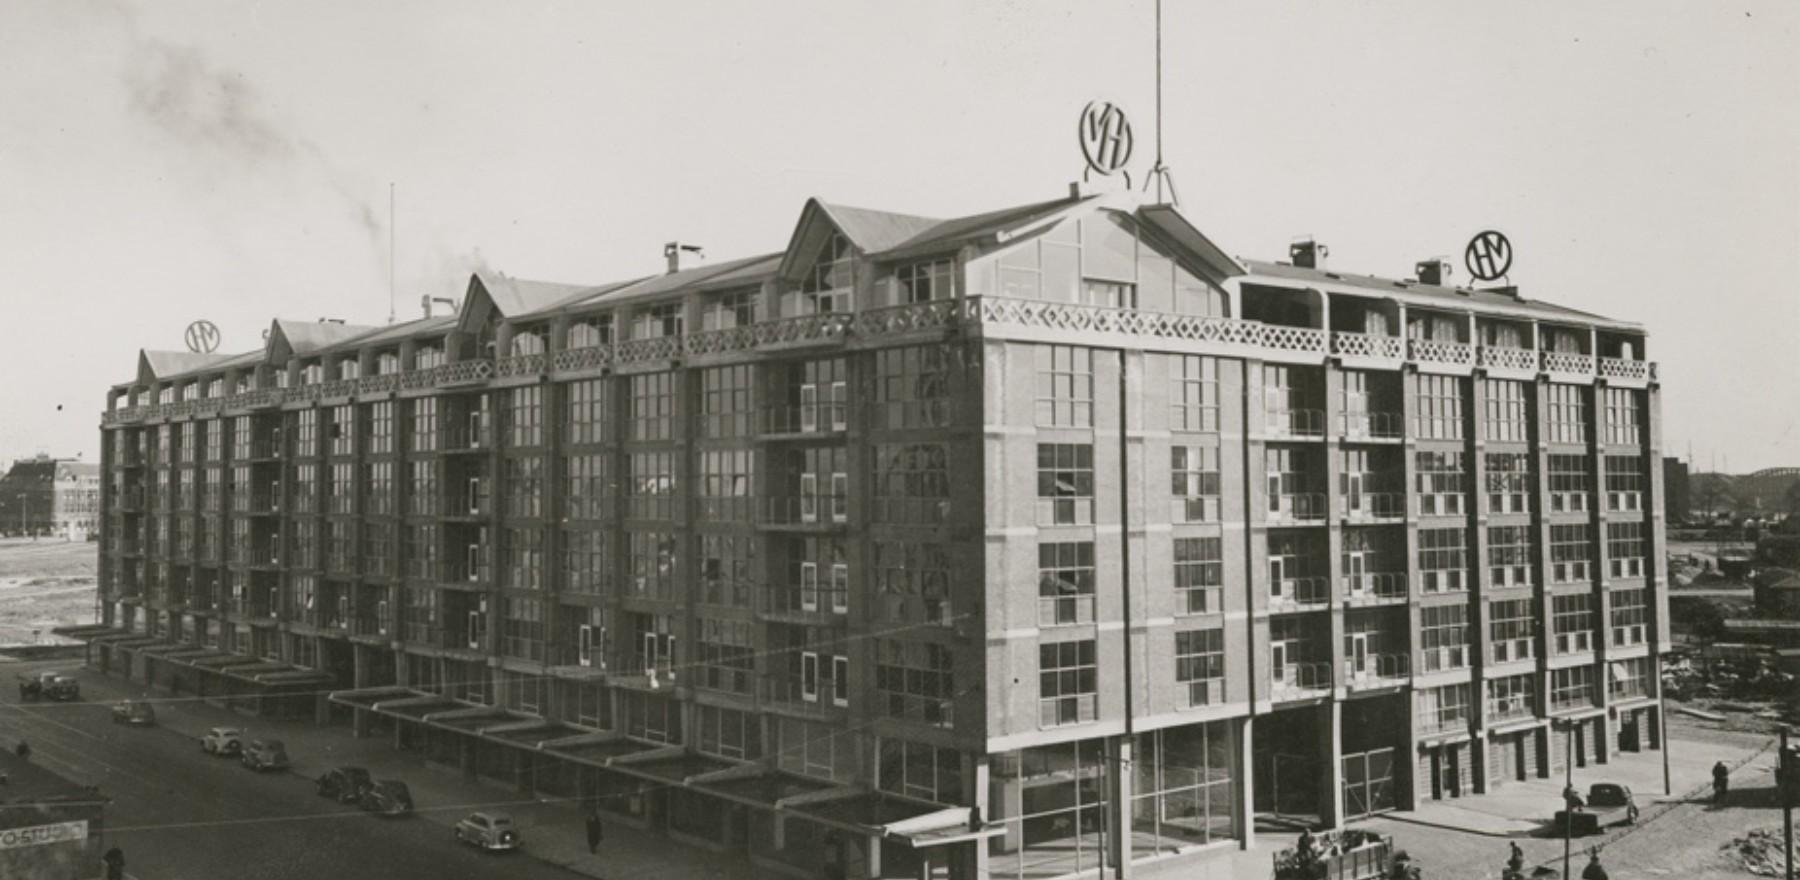 Eervolle vermelding Rotterdam Architectuurprijs